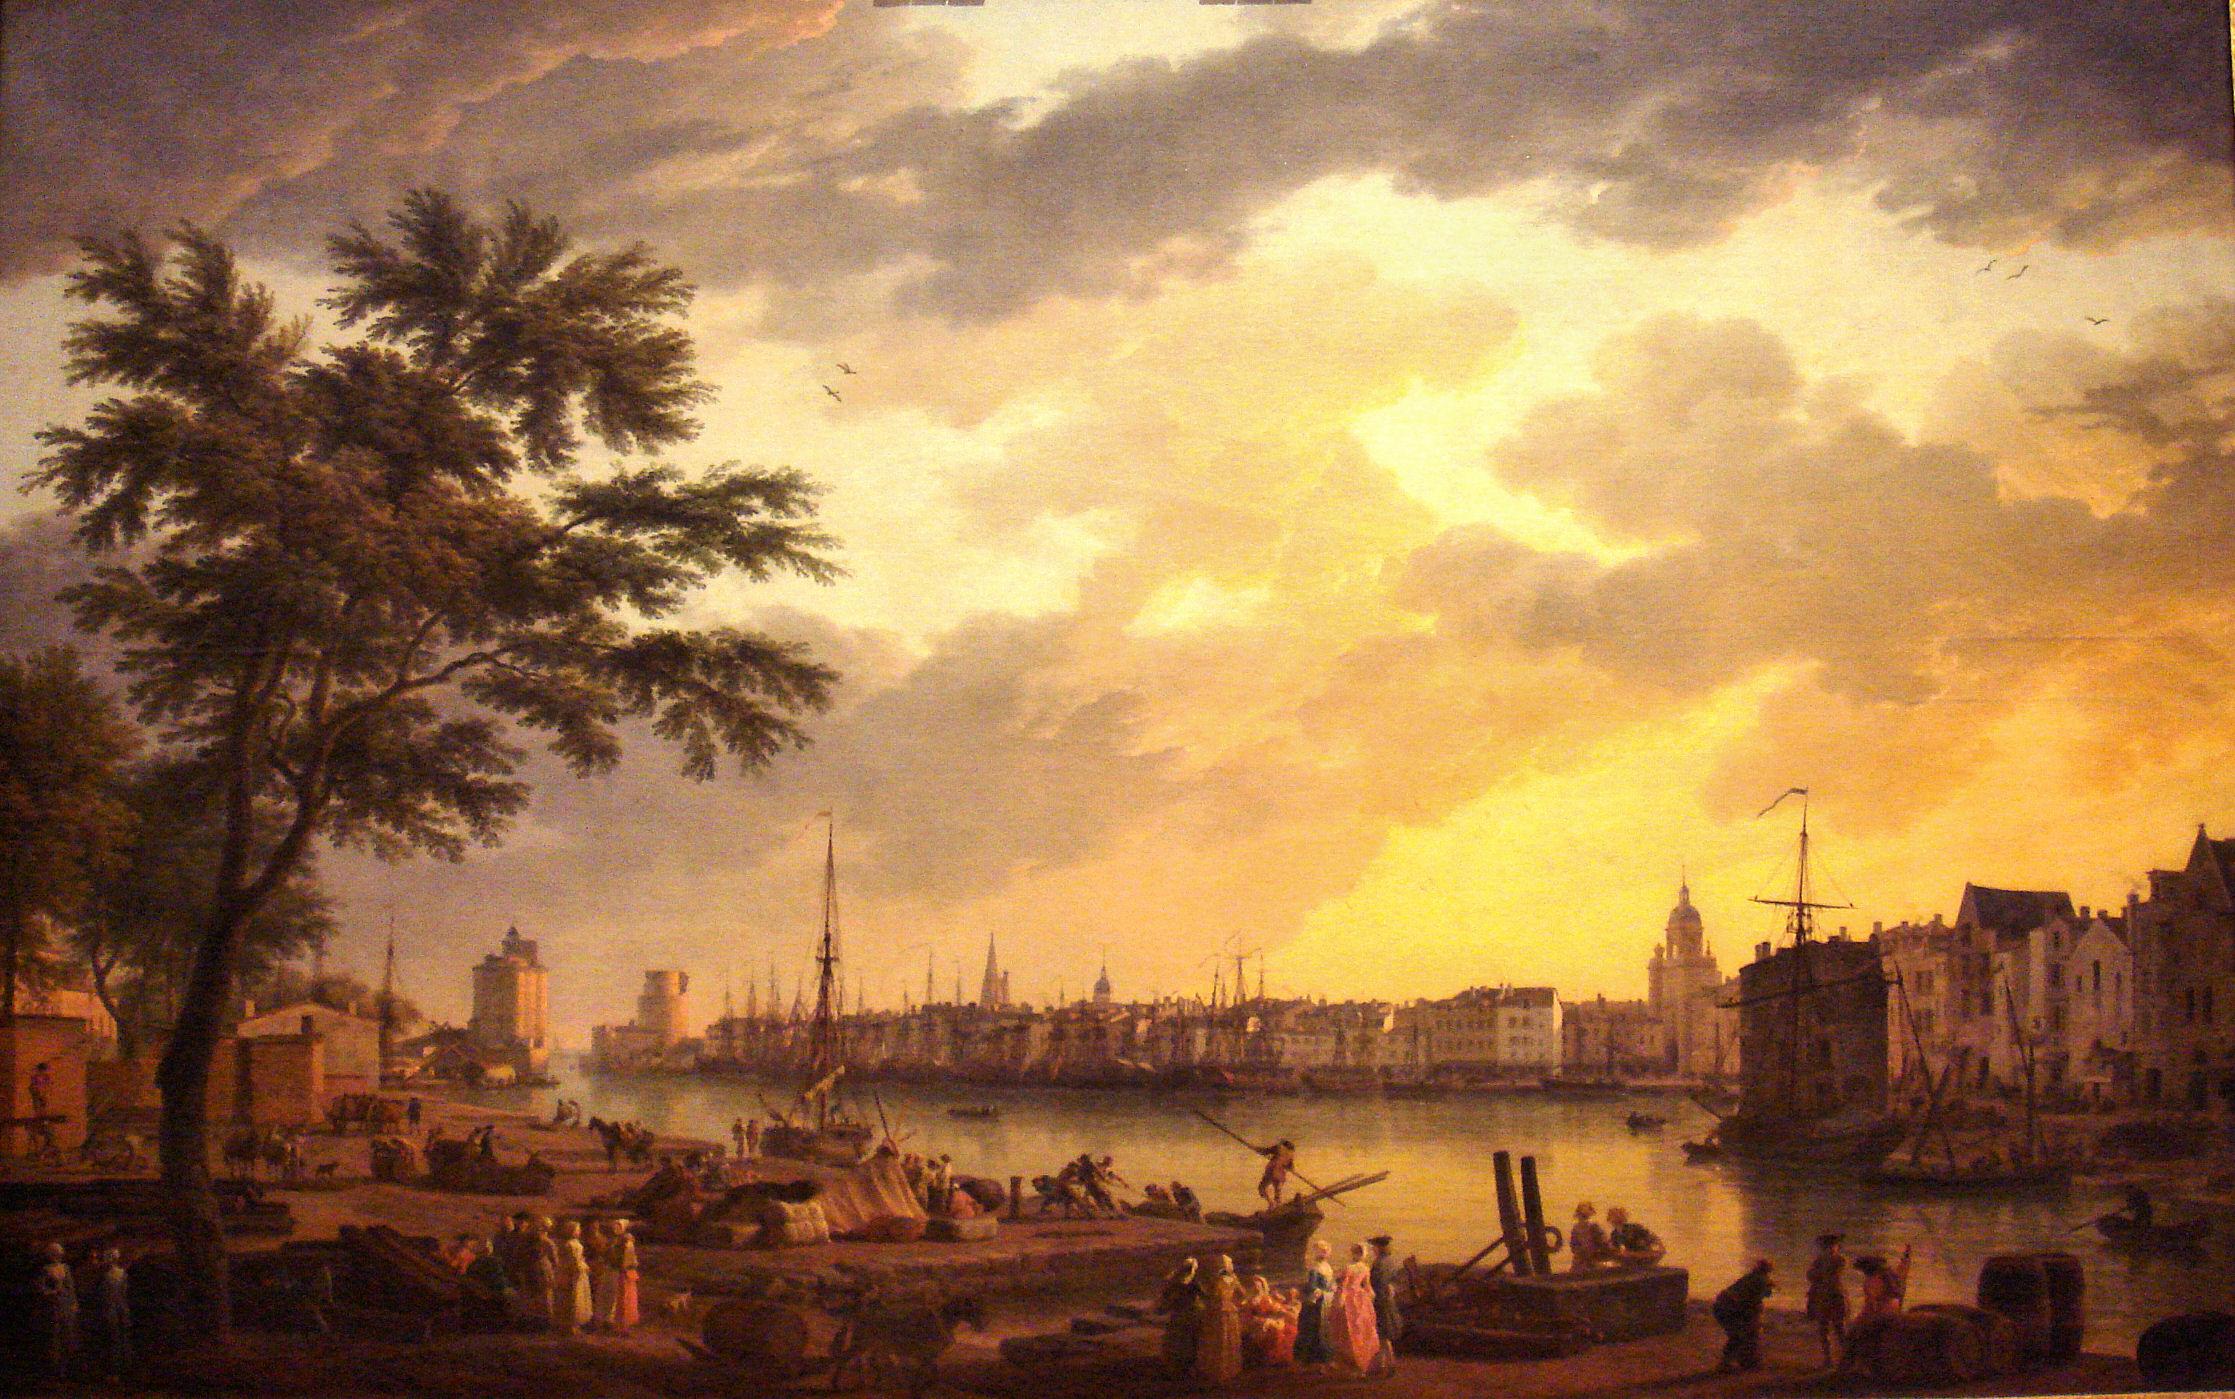 La traite négrière rochelaise au XVIIIème siècle